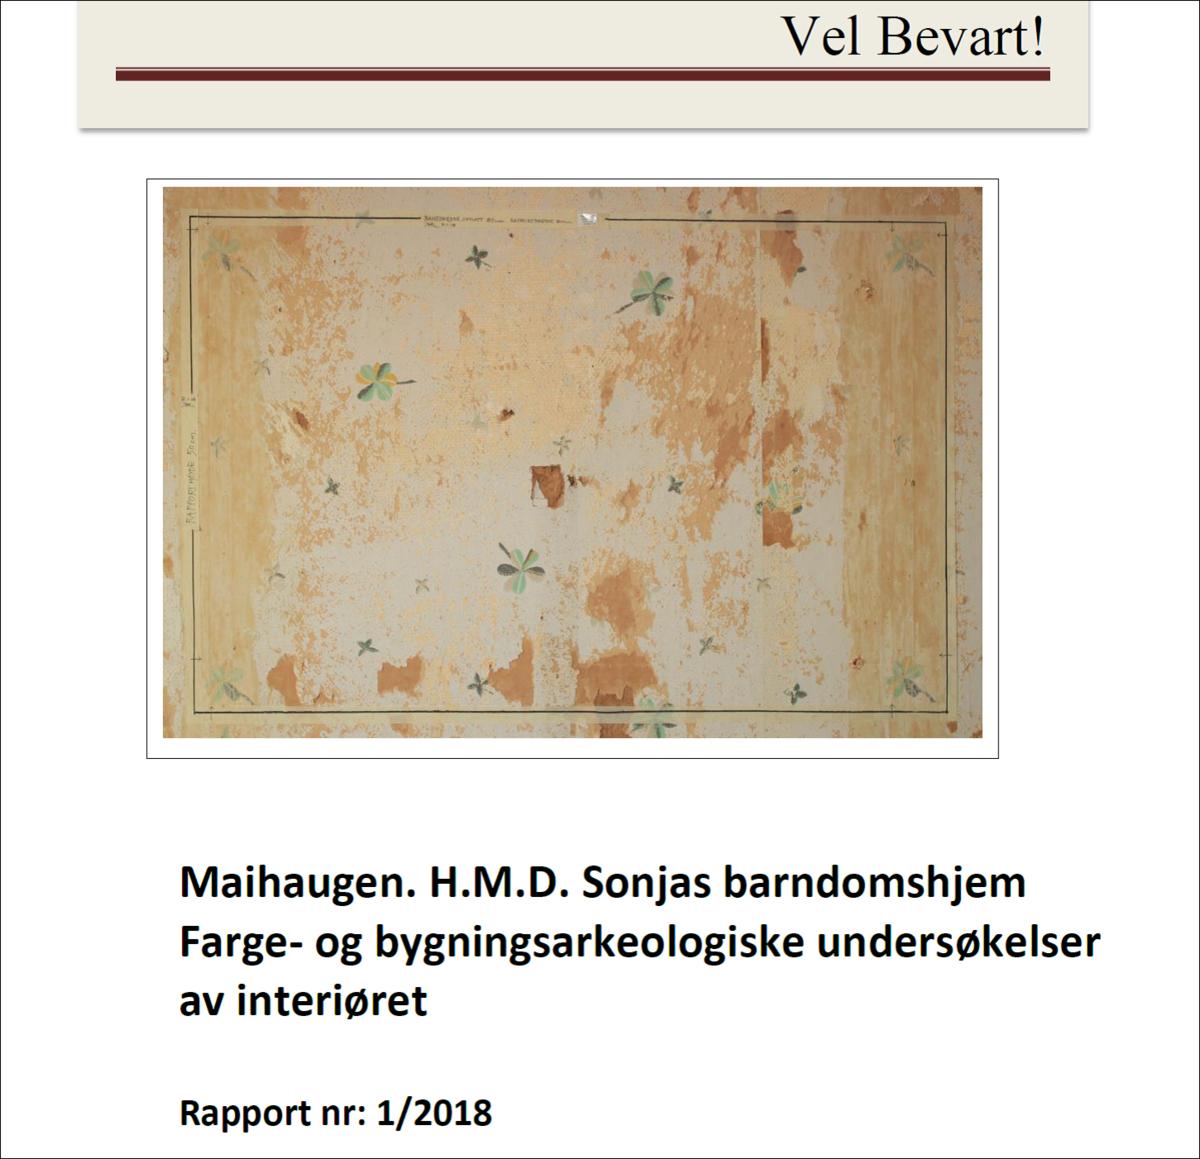 """Forside av rapport med teksten """"Vel bevart"""" og tittelen """"Maihaugen. H.M.D. Sonjas barndomshjem. Farge - og bygningsarkeologiske undersøkelser av interiøret. Rapport nr: 1/2018"""""""